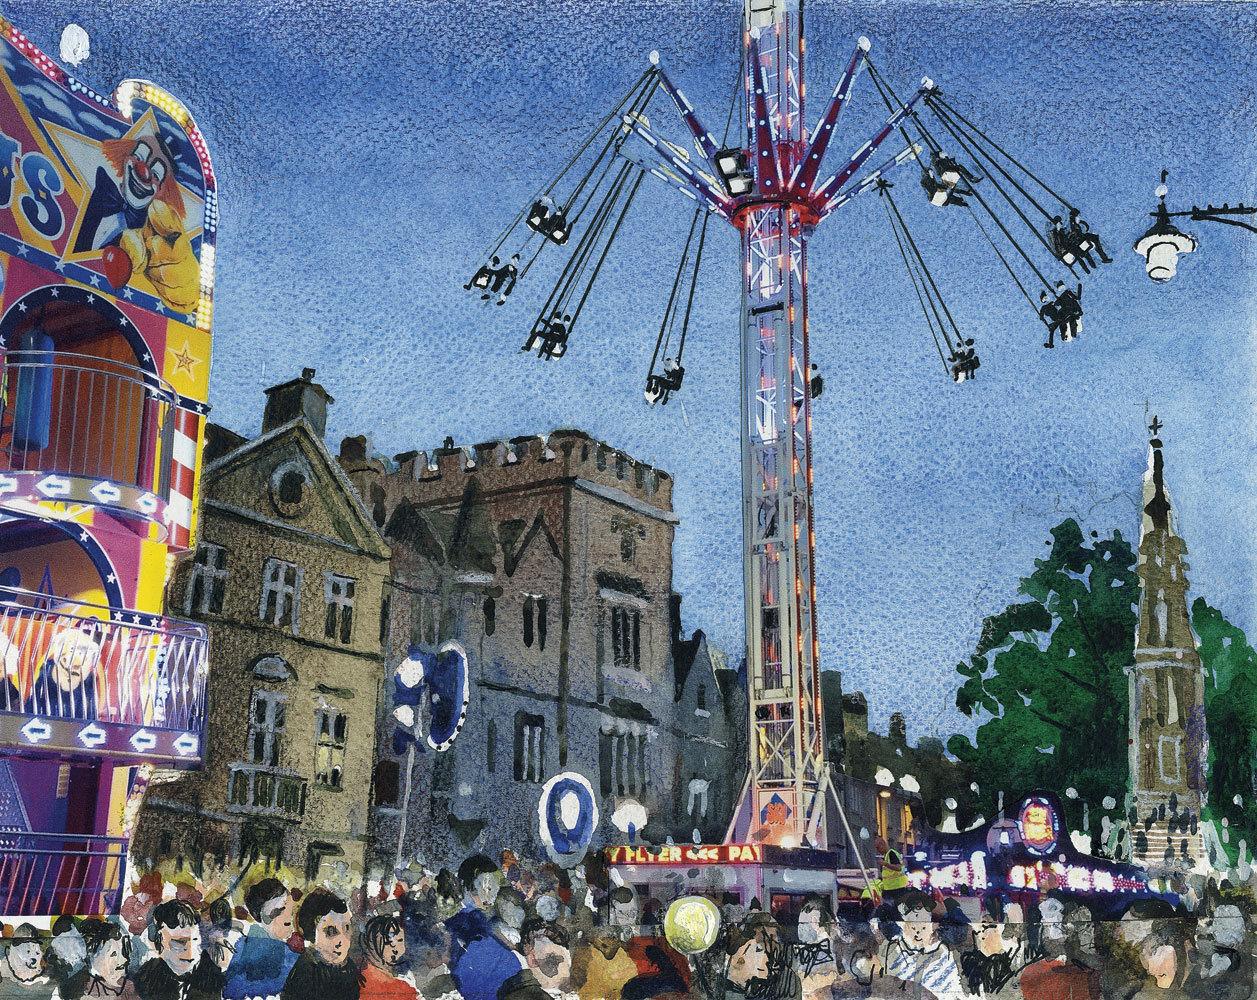 St Giles Fair by Ian Davis |